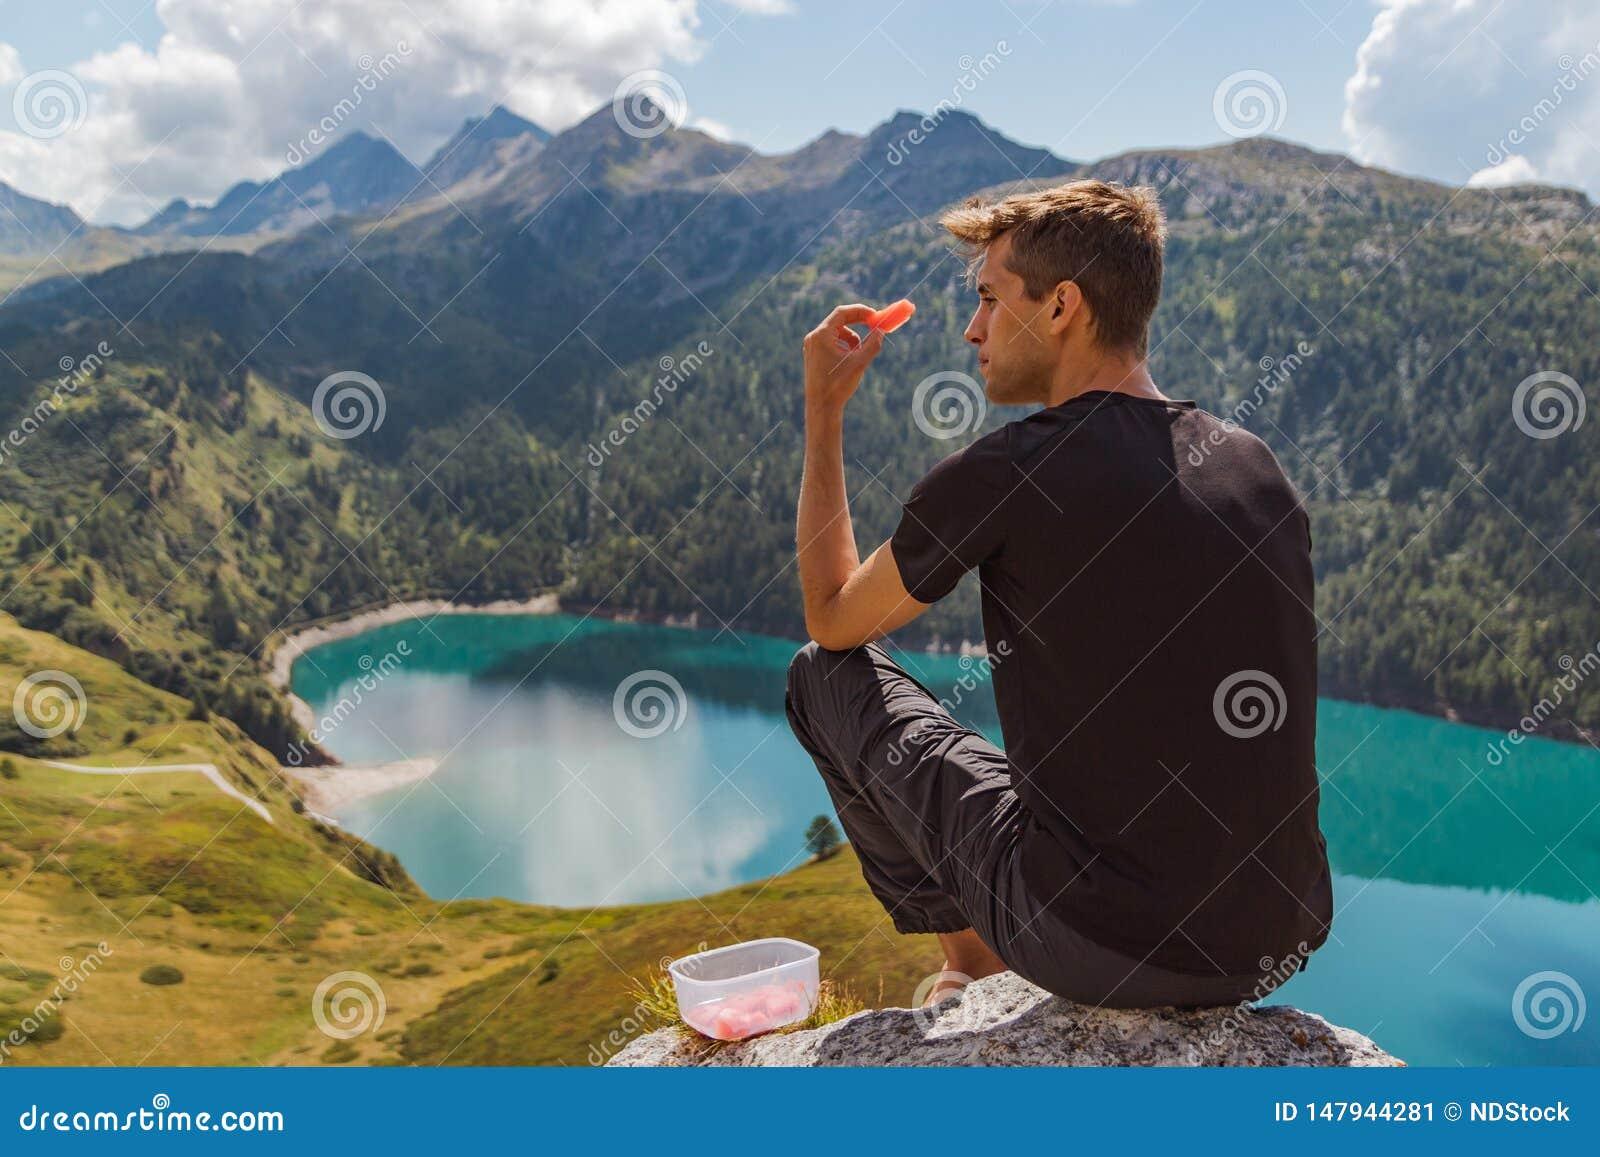 Le jeune homme assis sur une roche dans les montagnes mangent la pastèque et le regard au panorama